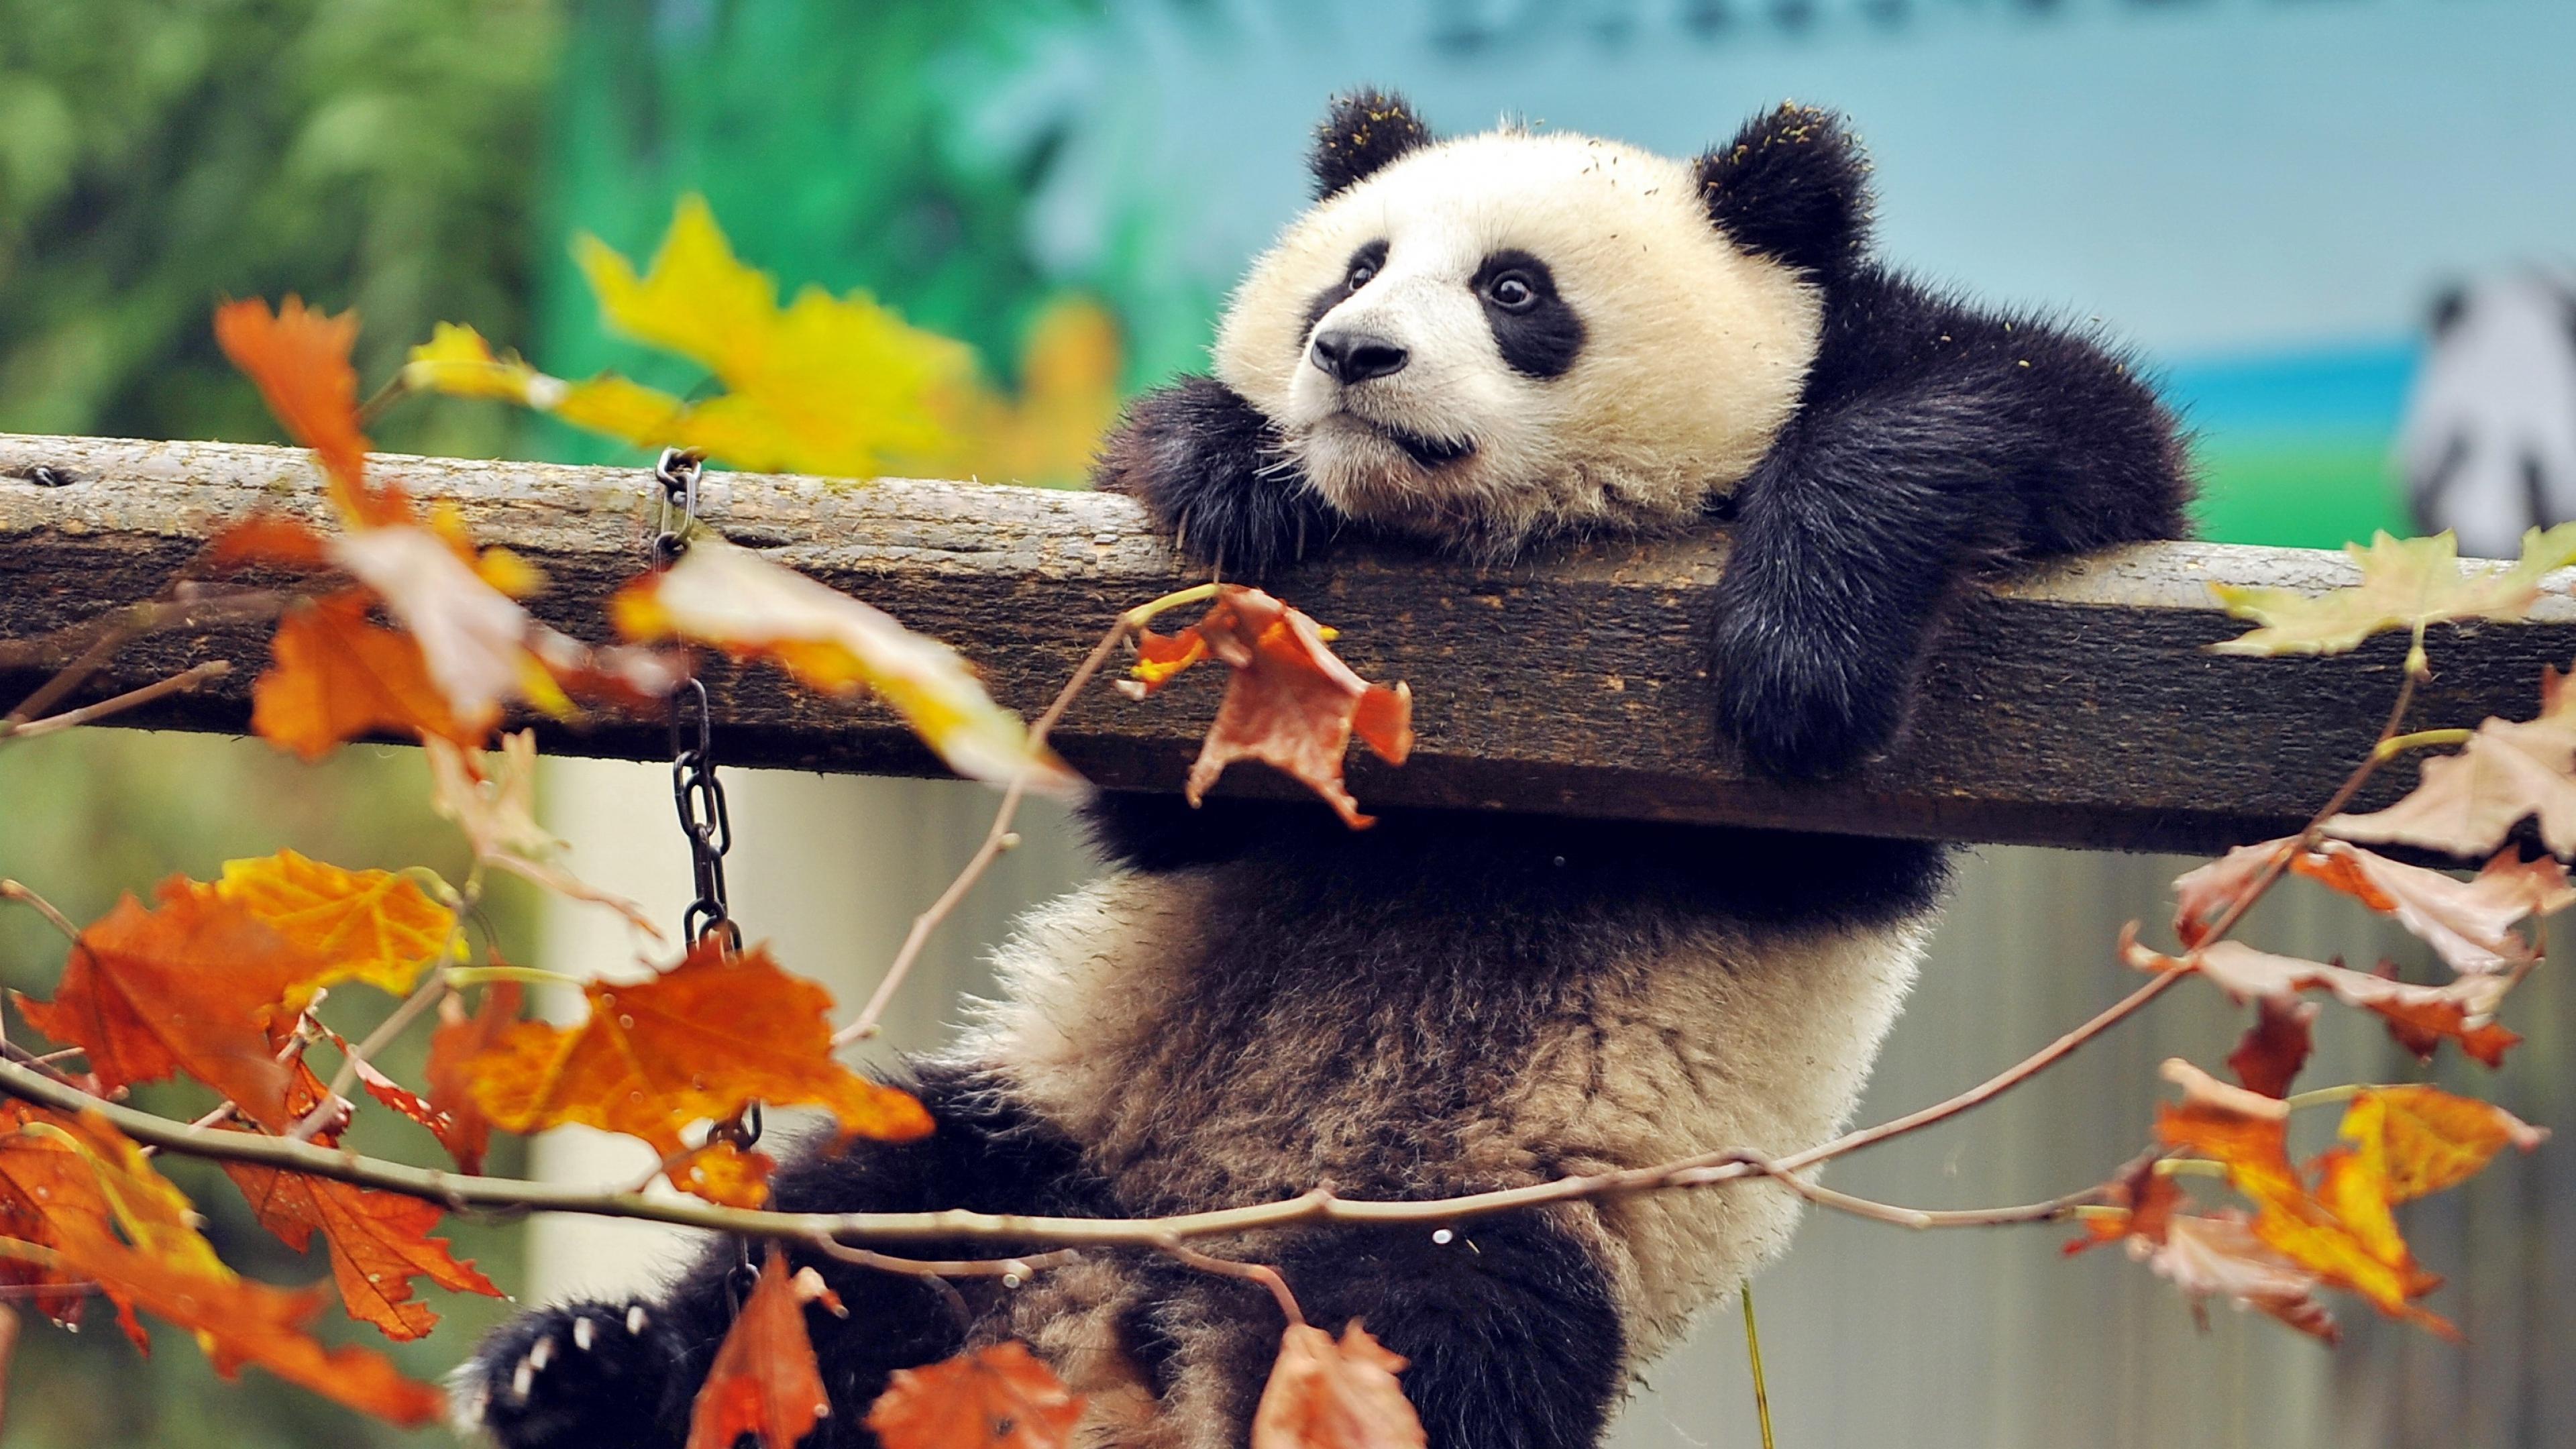 Cute-panda - Fondos De Pantalla Para Pc 4k , HD Wallpaper & Backgrounds